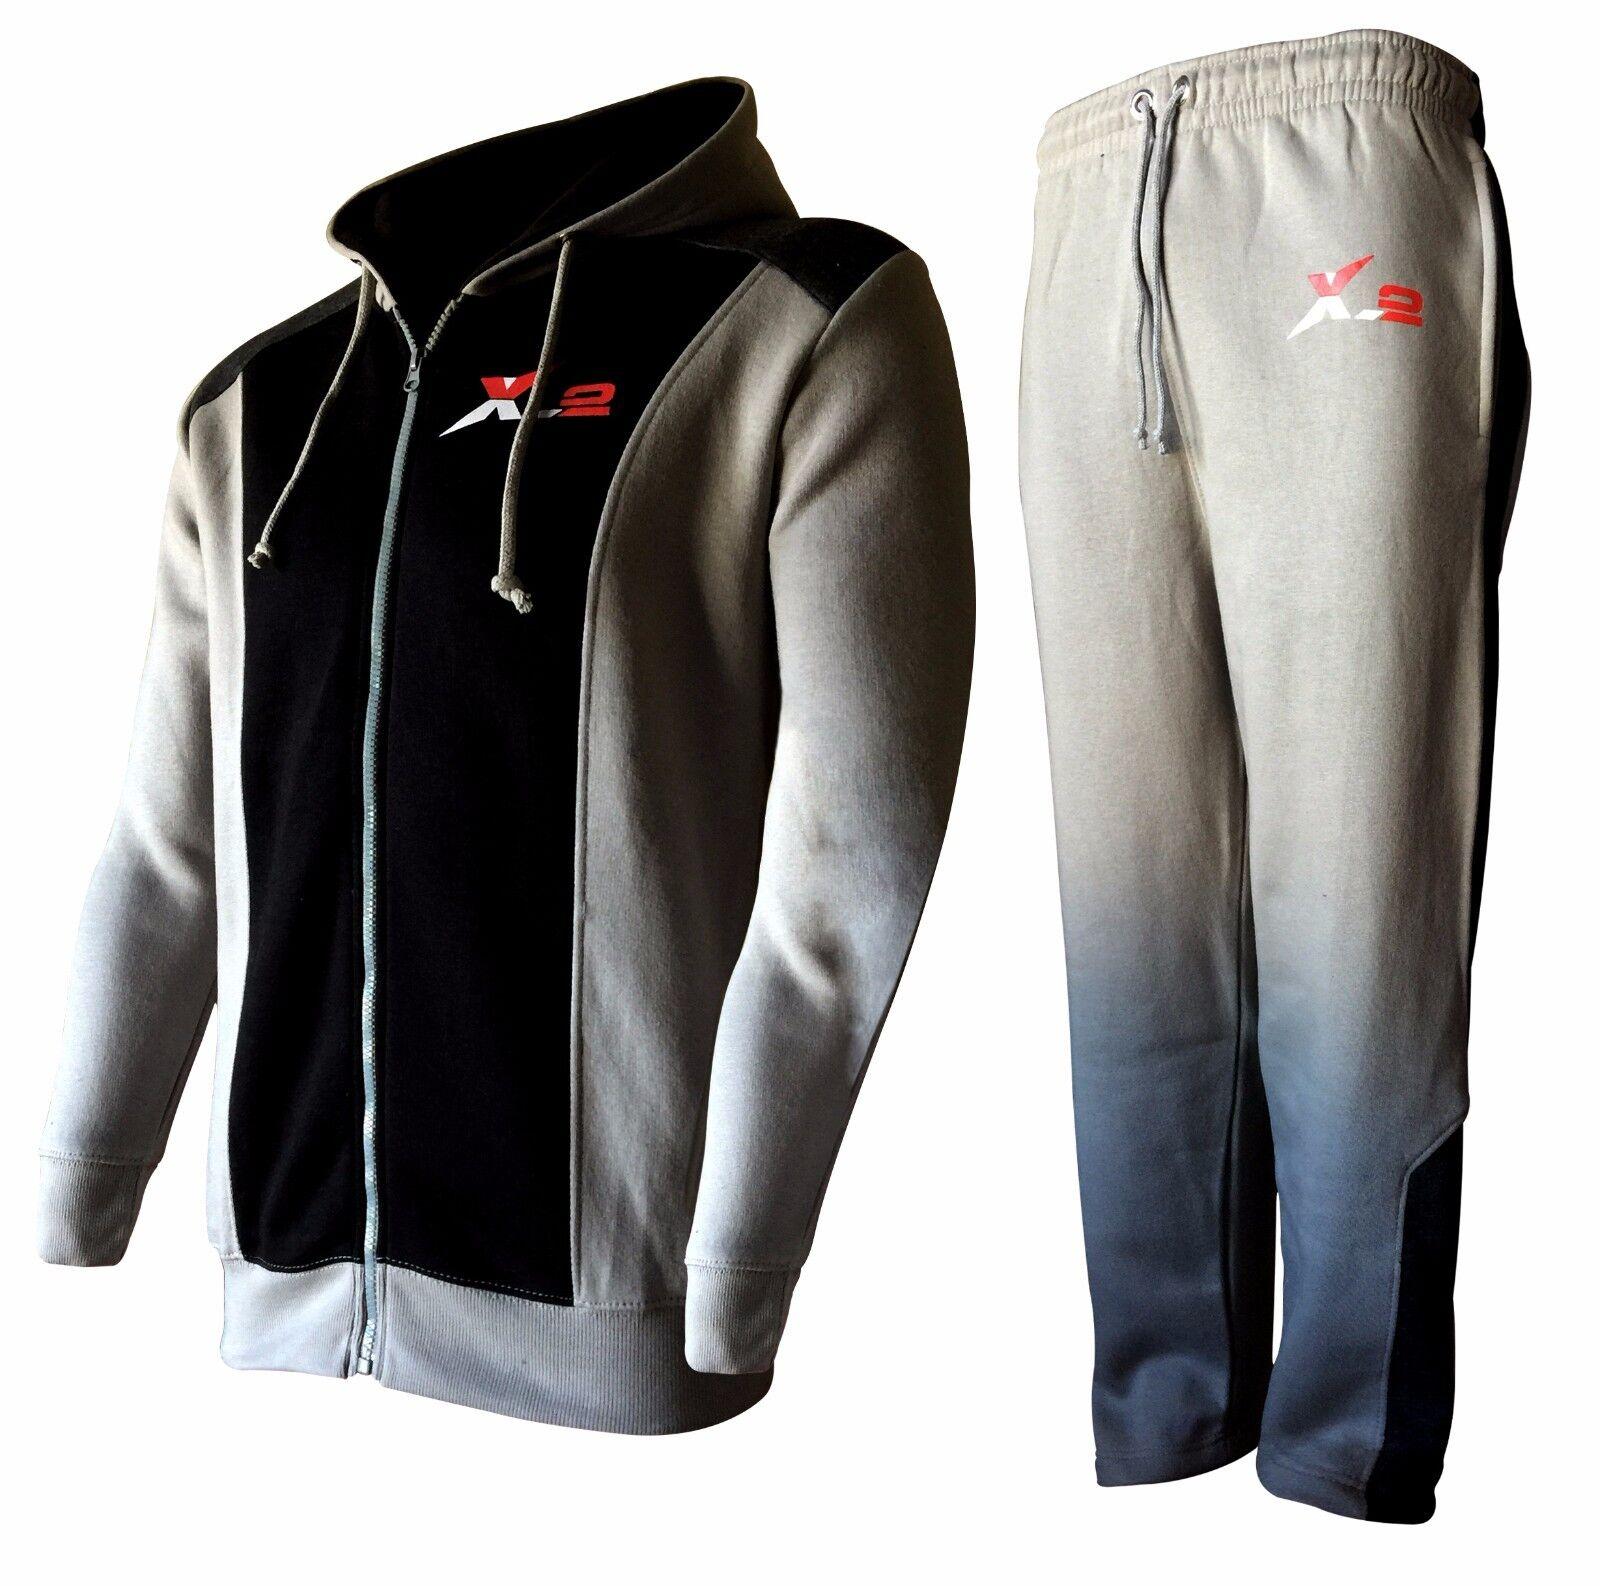 Nike Gym Sweat Towel: Men's Full Zip Athletic Fleece Gym Tracksuit Hooded Top